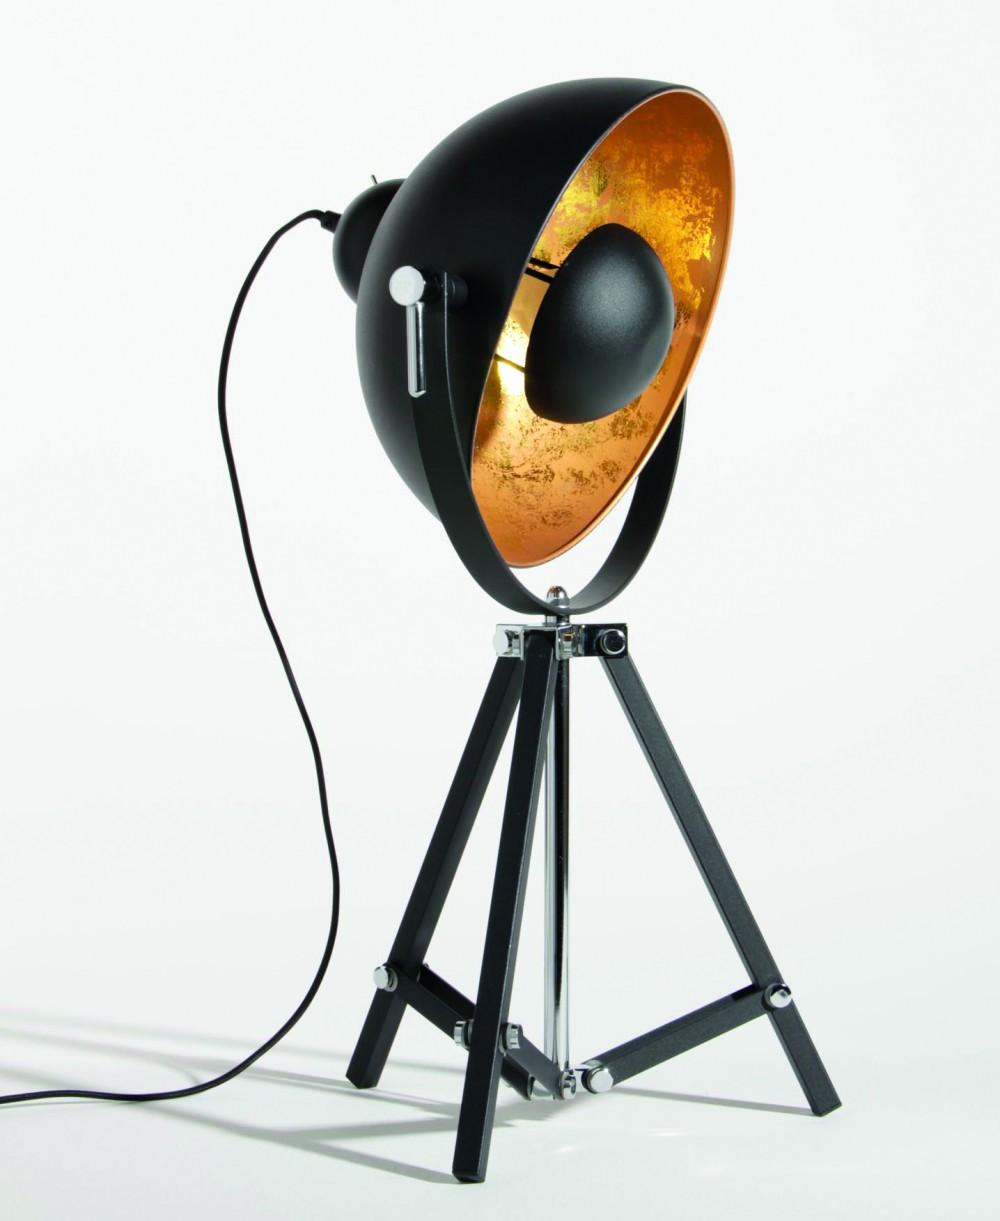 tischleuchte stehleuchte dreifuss farbe schwarz gold 35 cm. Black Bedroom Furniture Sets. Home Design Ideas